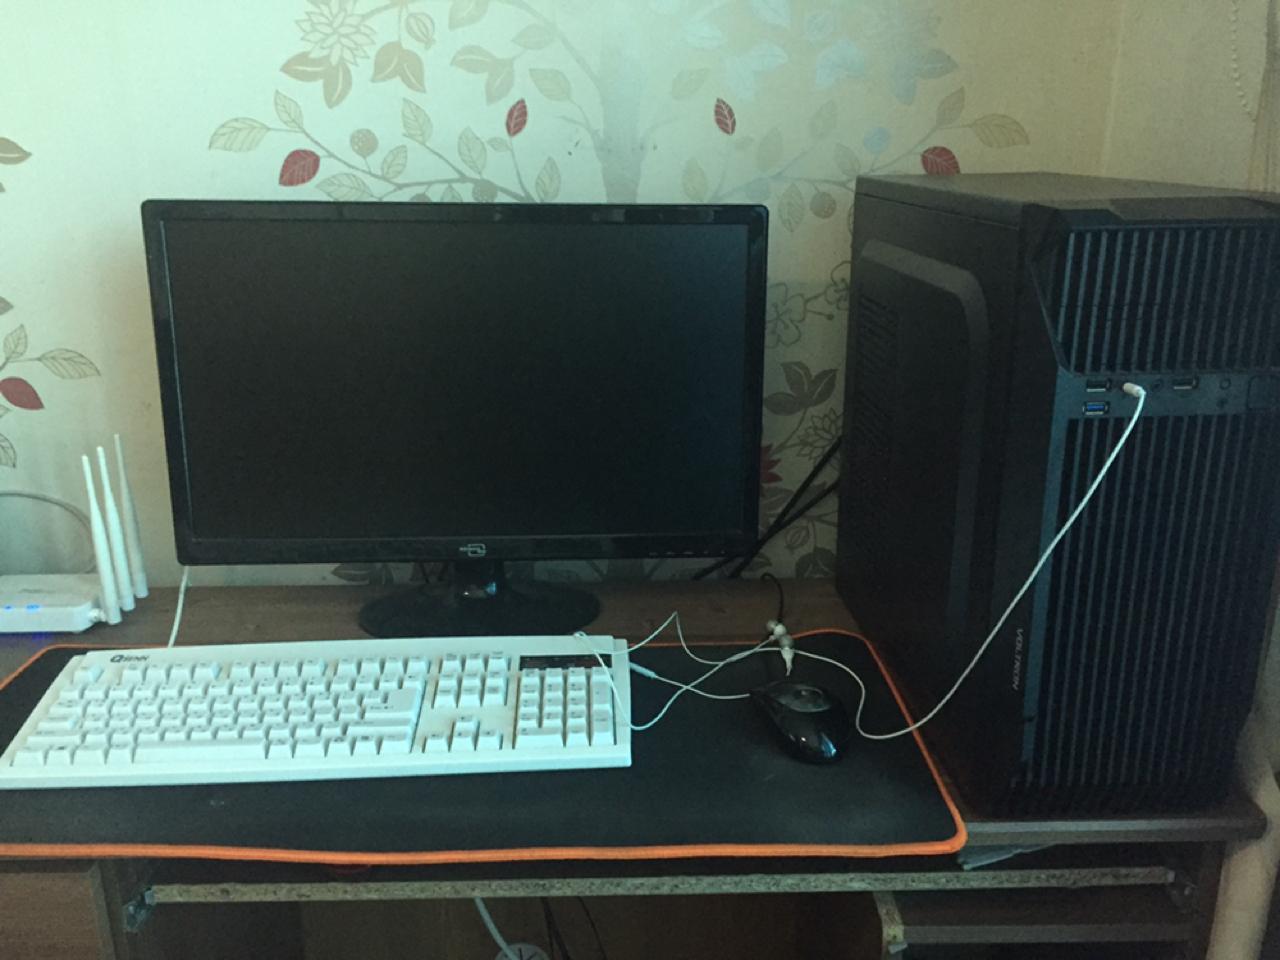 컴퓨터셋트